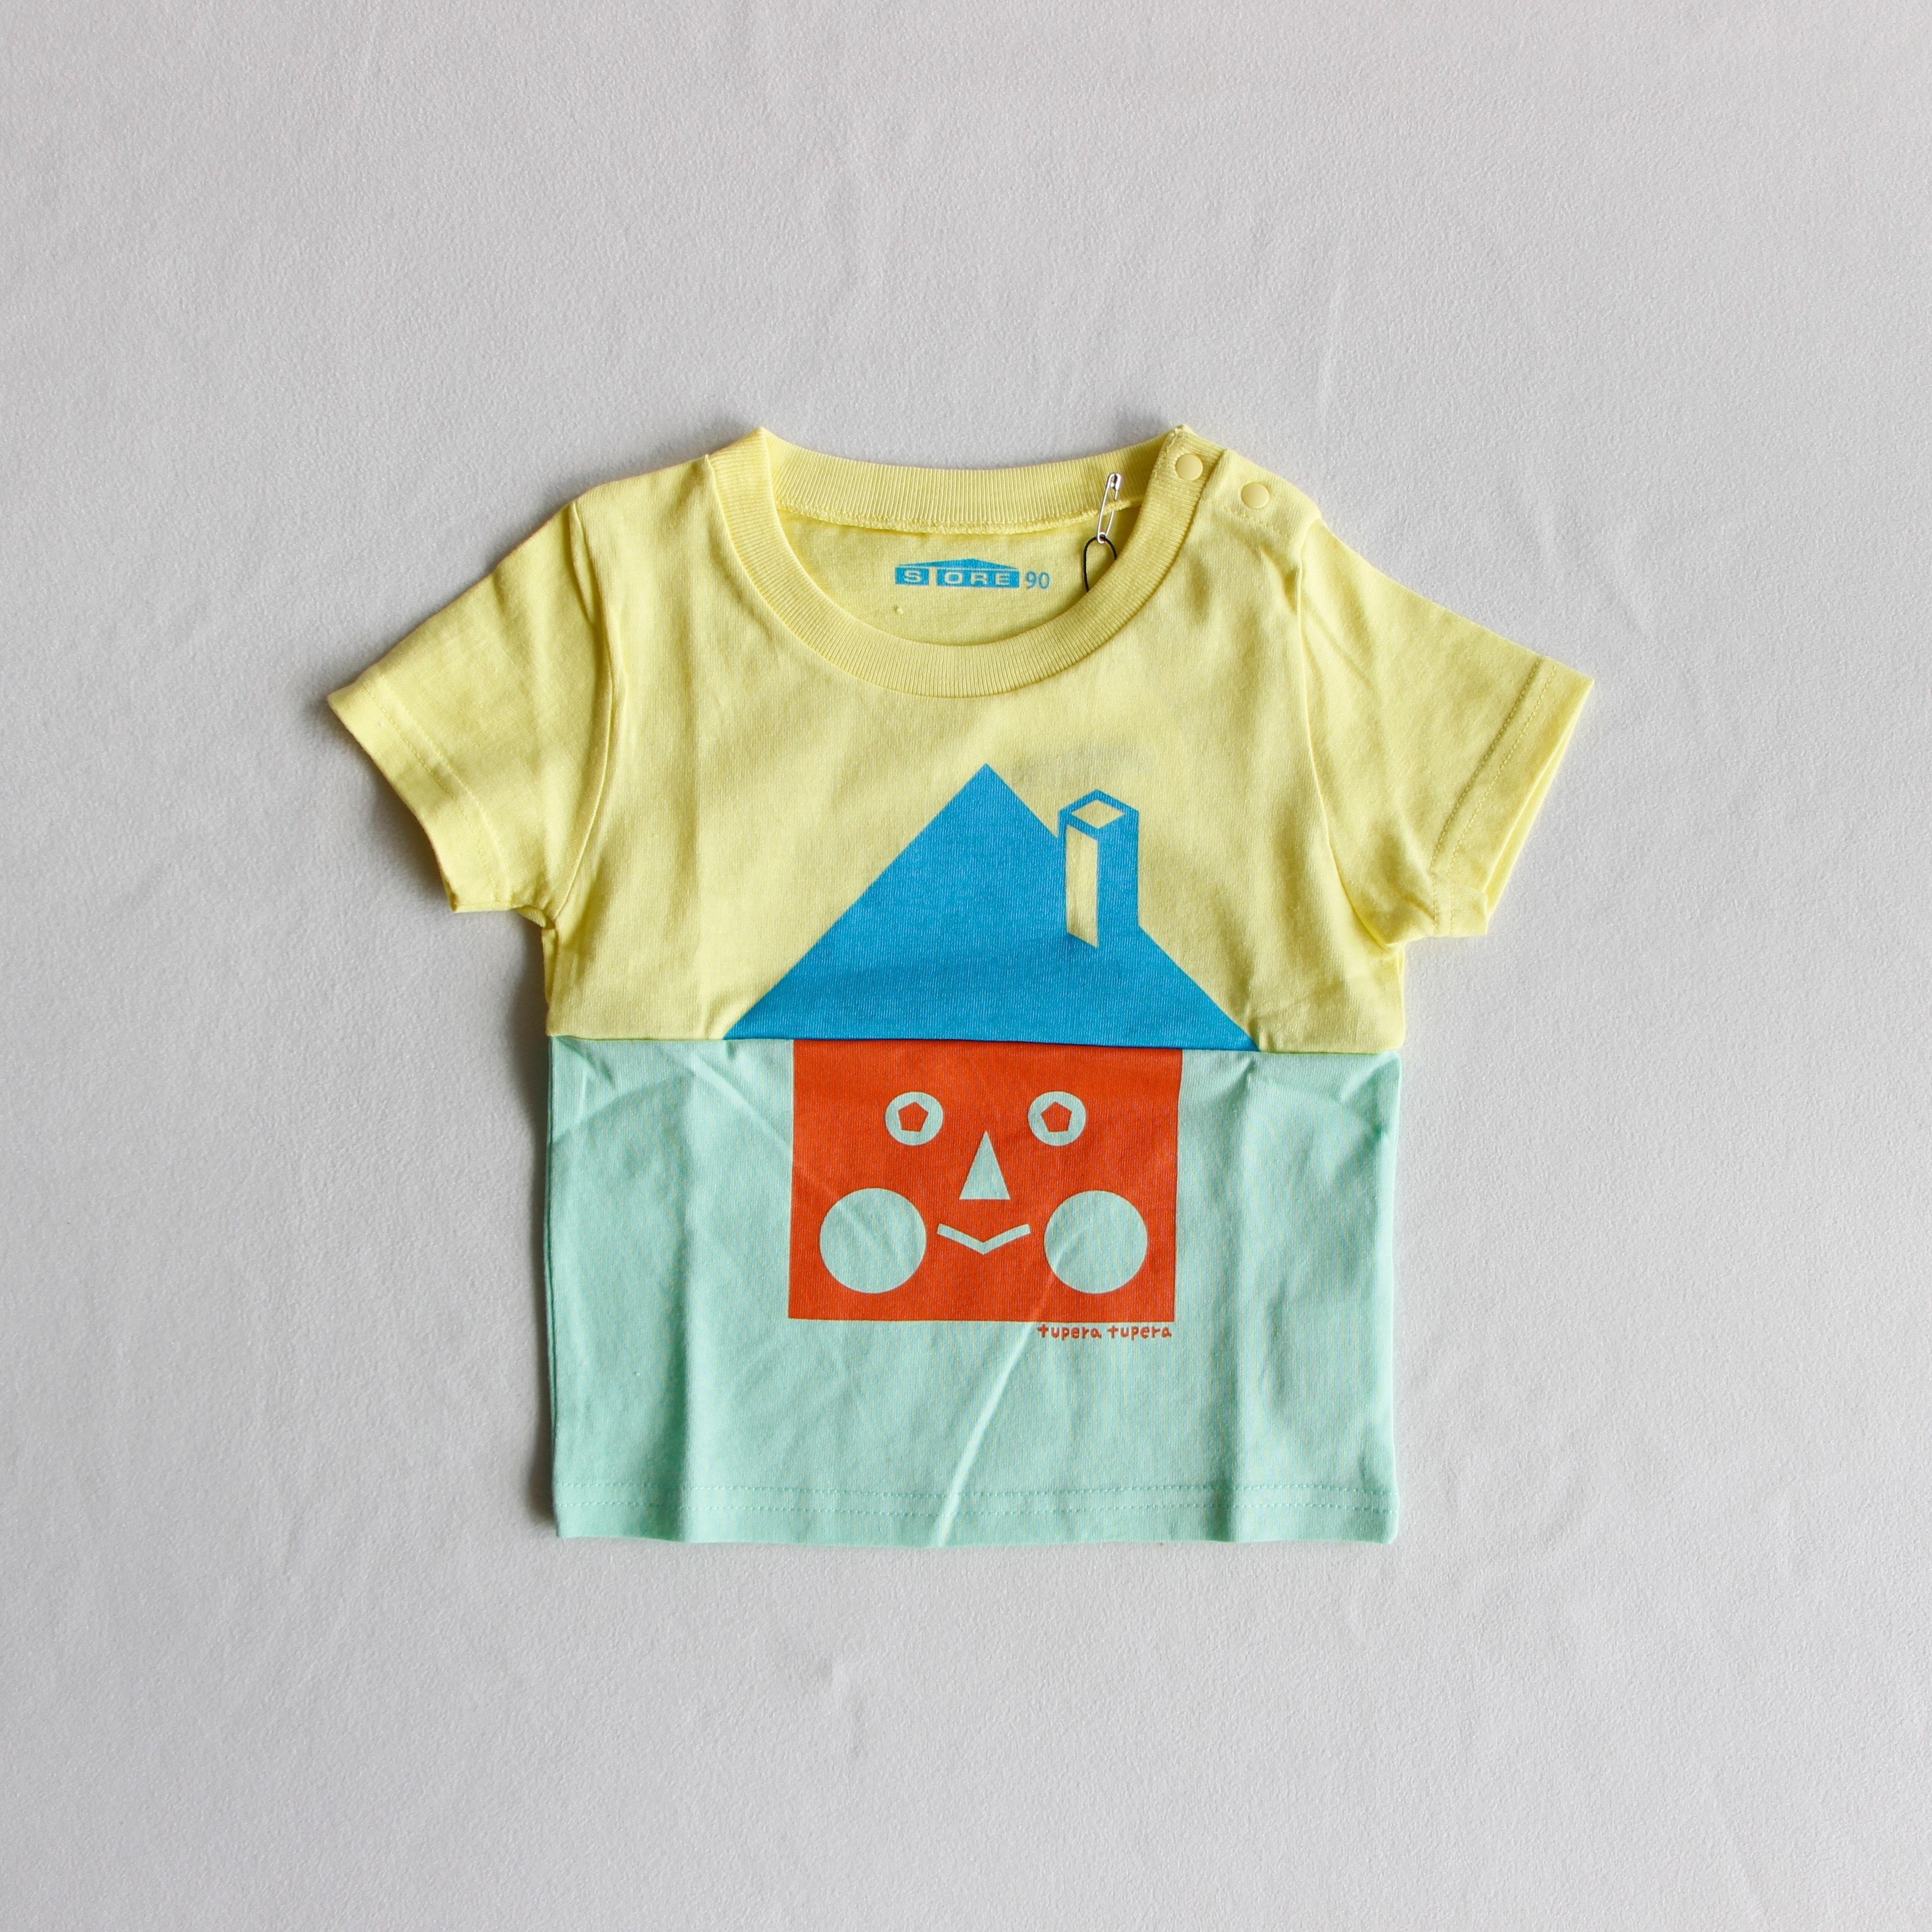 《STORE》家T-シャツ / BASIC HOUSE / レモン × メロン